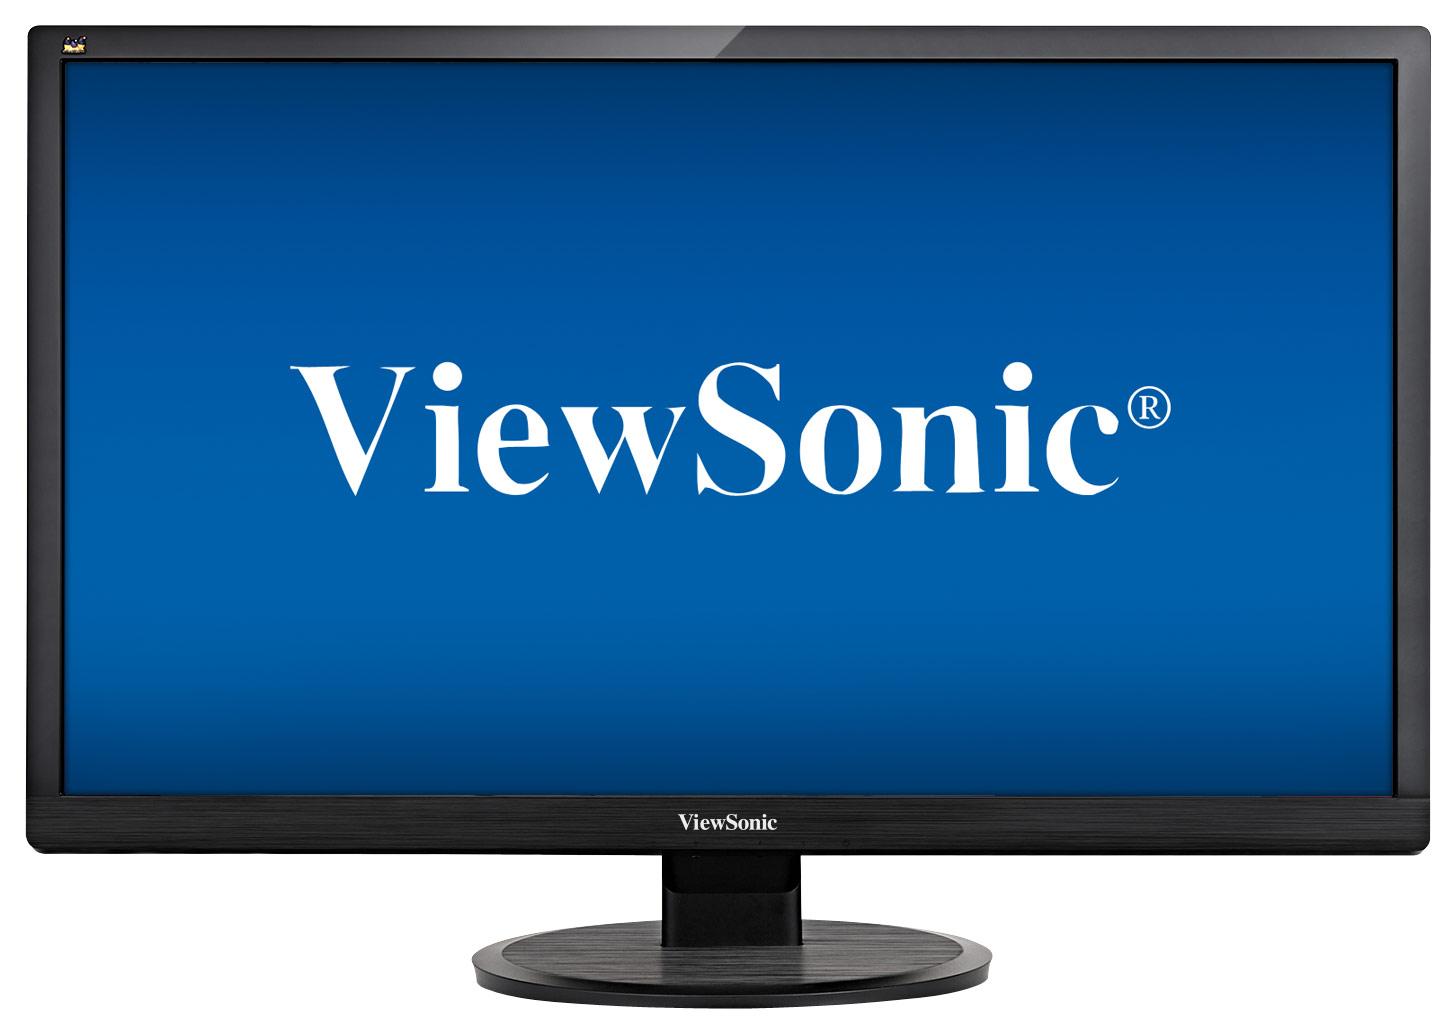 ViewSonic - 28 LED HD Monitor - Black